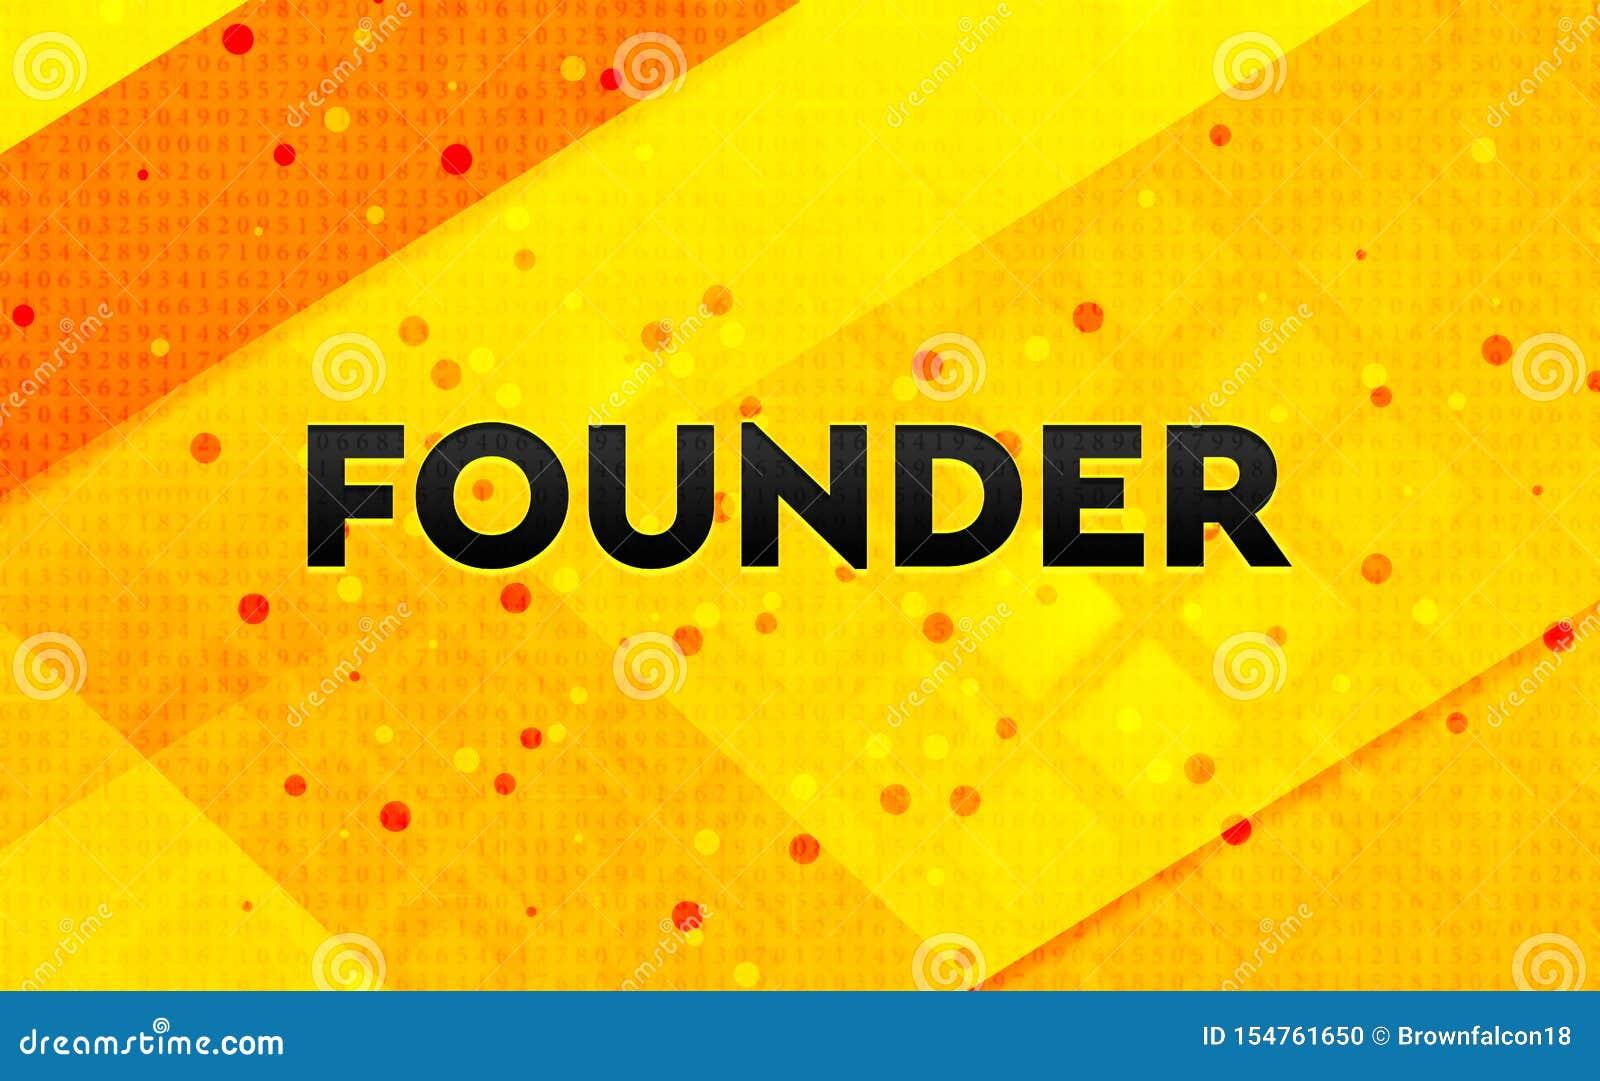 Fondo amarillo de la bandera digital del extracto del fundador